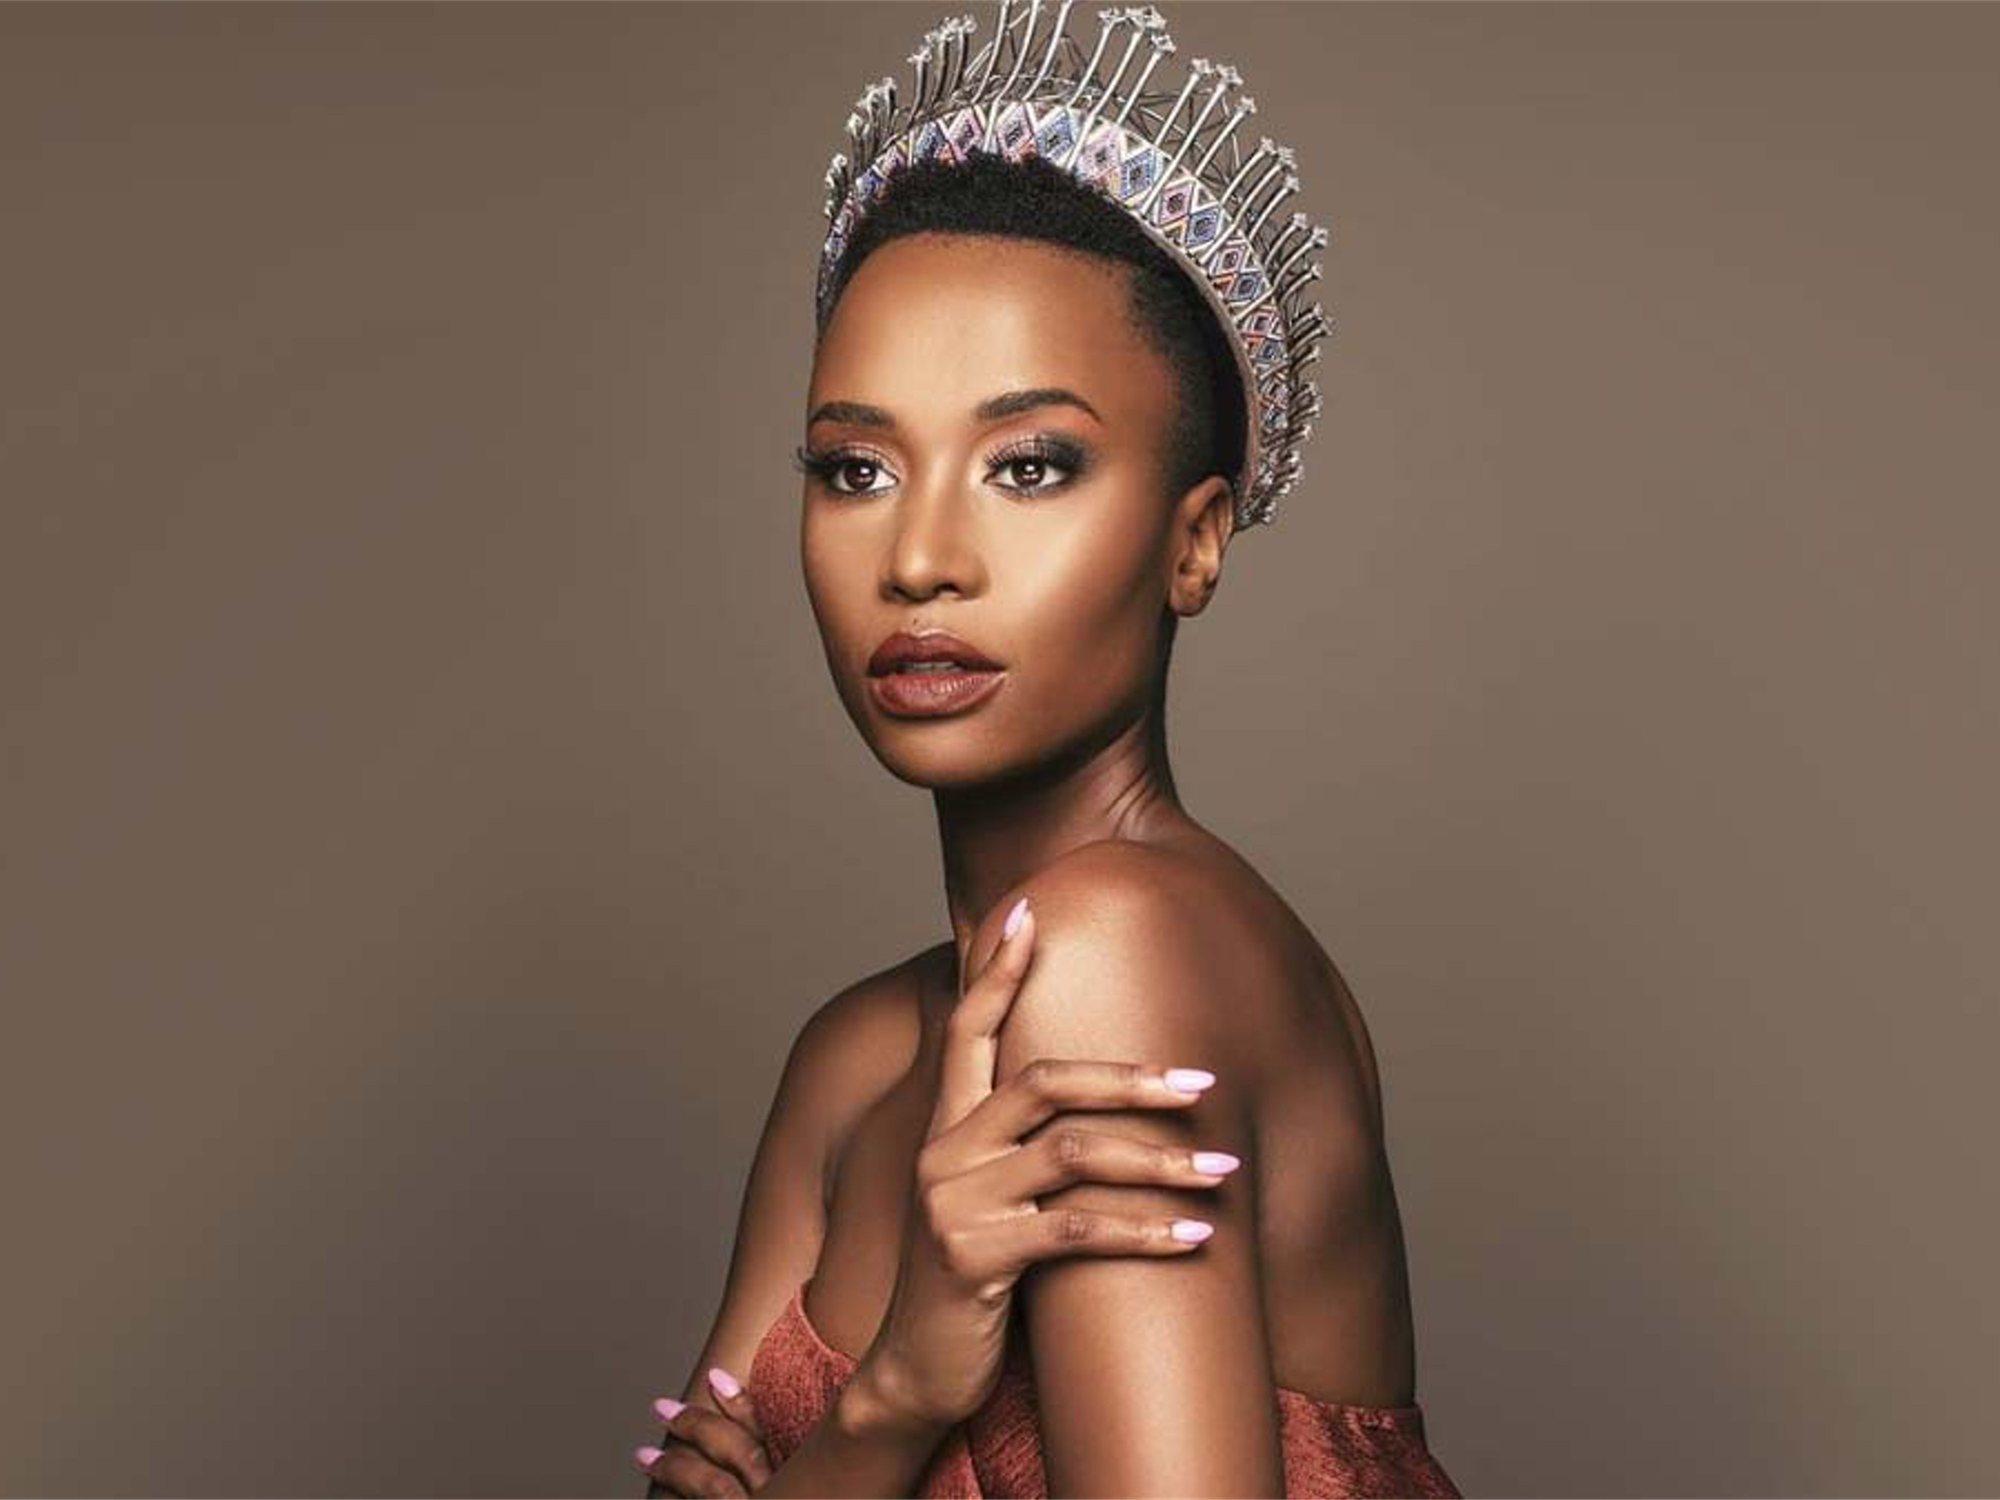 El mensaje feminista de la sudafricana Zozibini Tunzi al ser coronada Miss Universo 2019